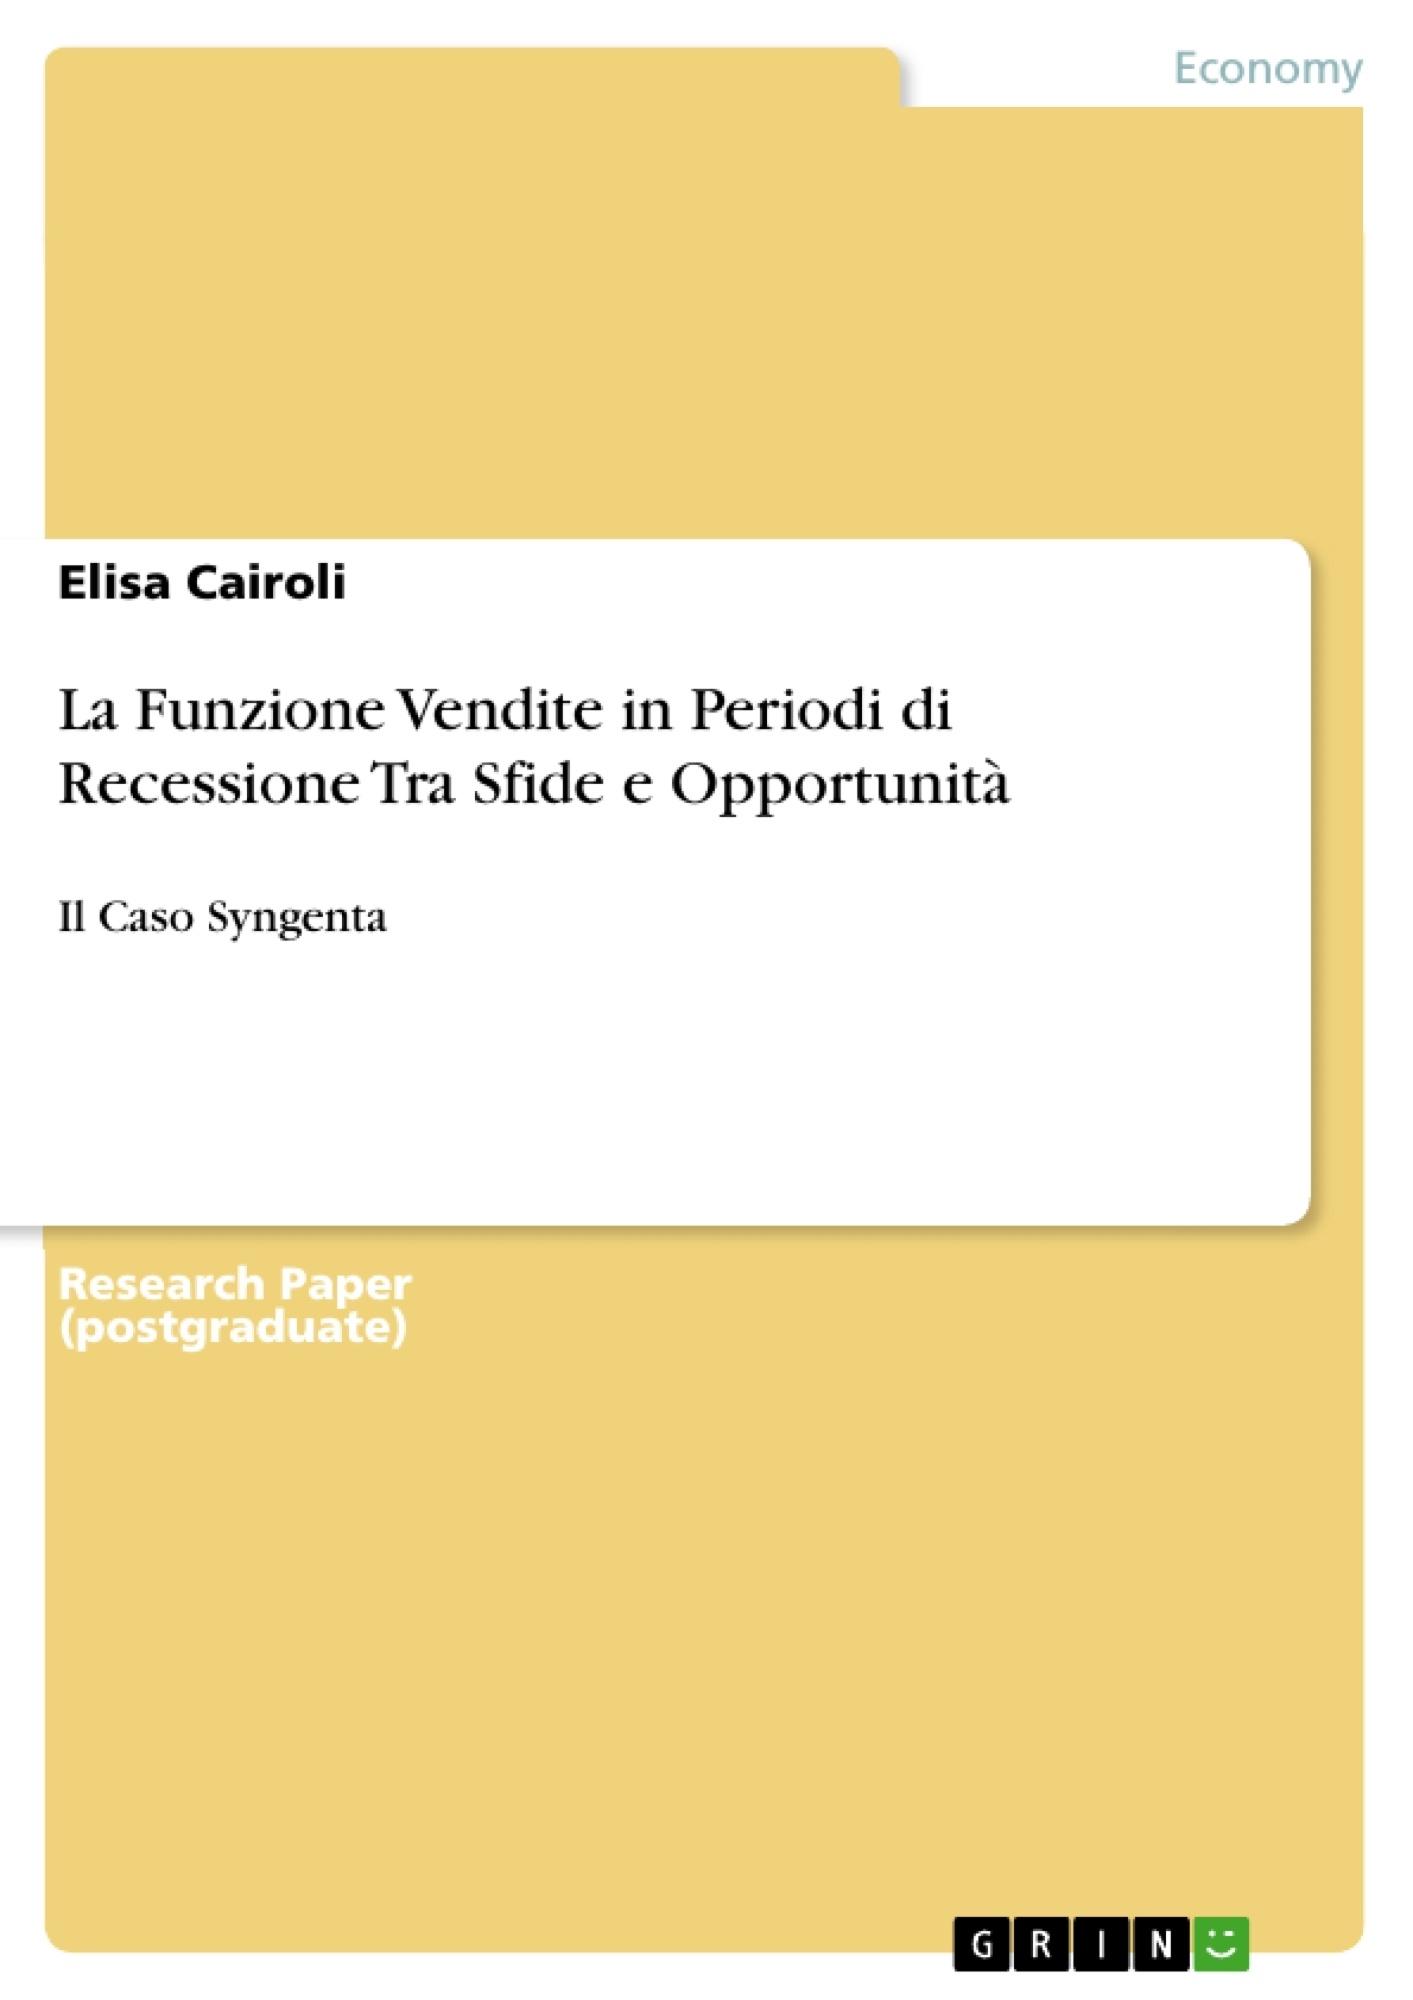 Title: La Funzione Vendite in Periodi di Recessione Tra Sfide e Opportunità